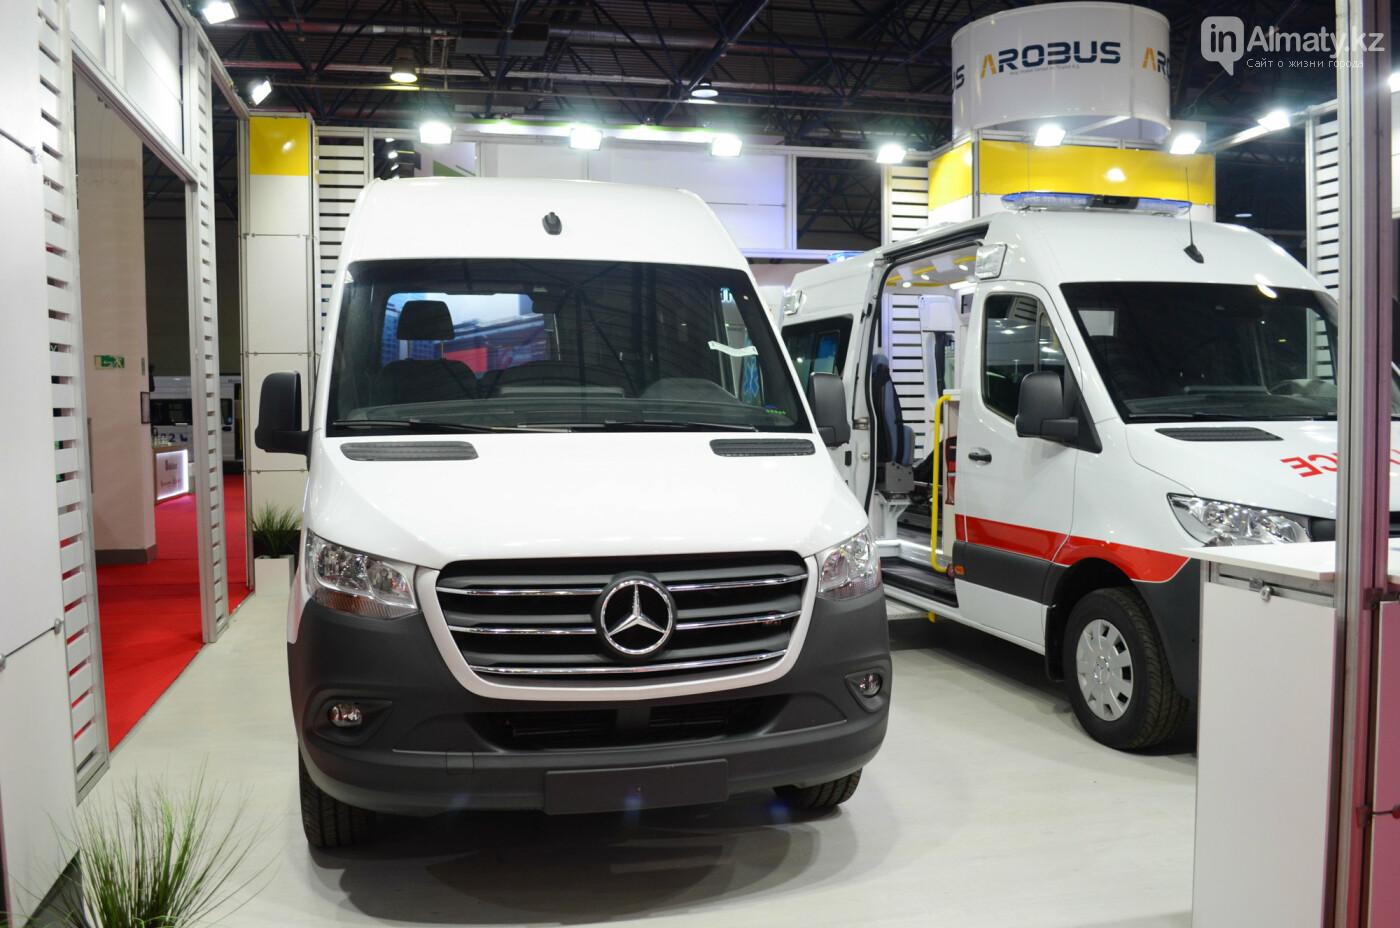 Новейшие автобусы из шести стран представили в Алматы, фото-5